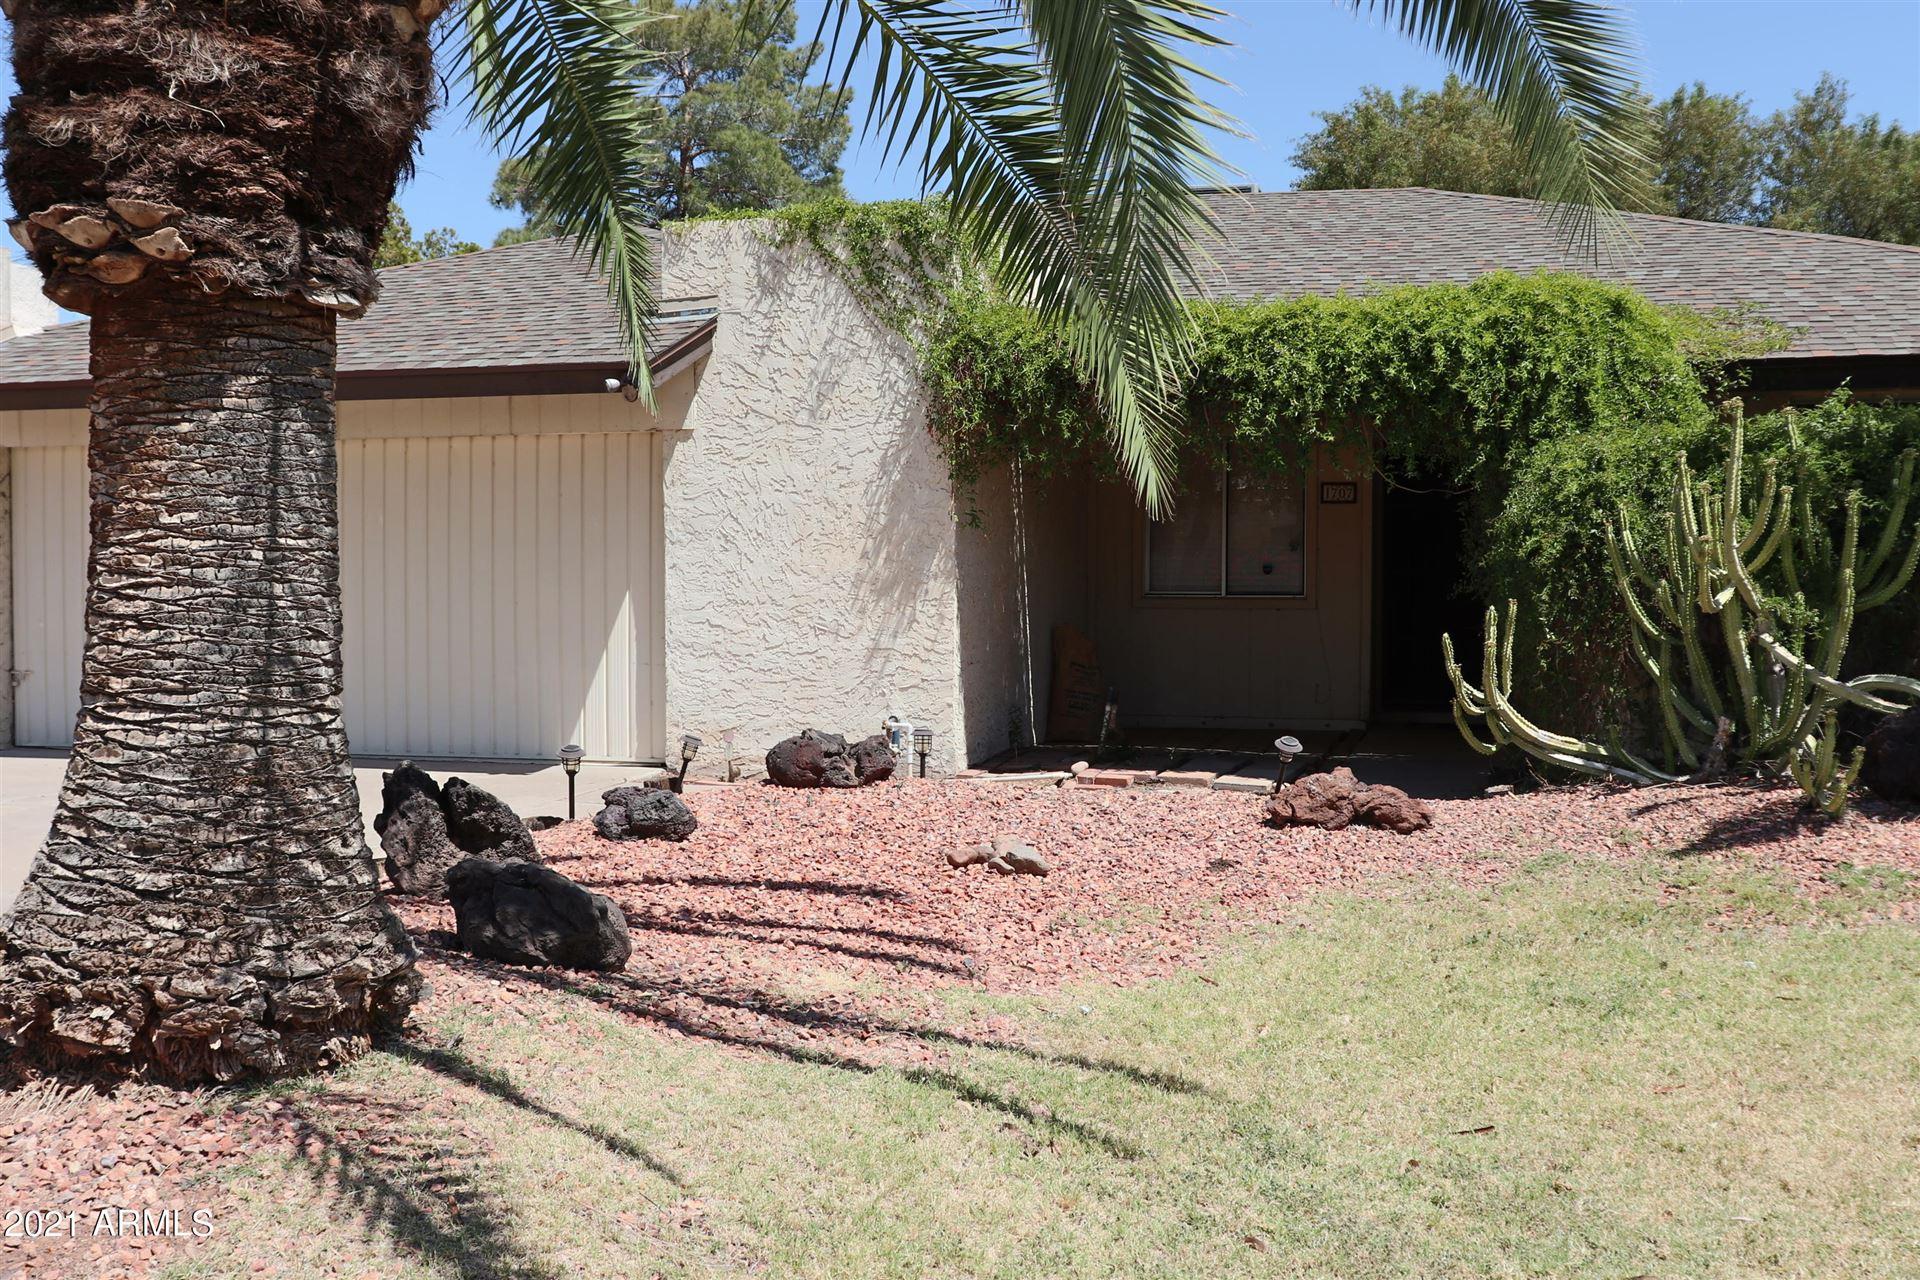 1707 S SYCAMORE --, Mesa, AZ 85202 - MLS#: 6231561